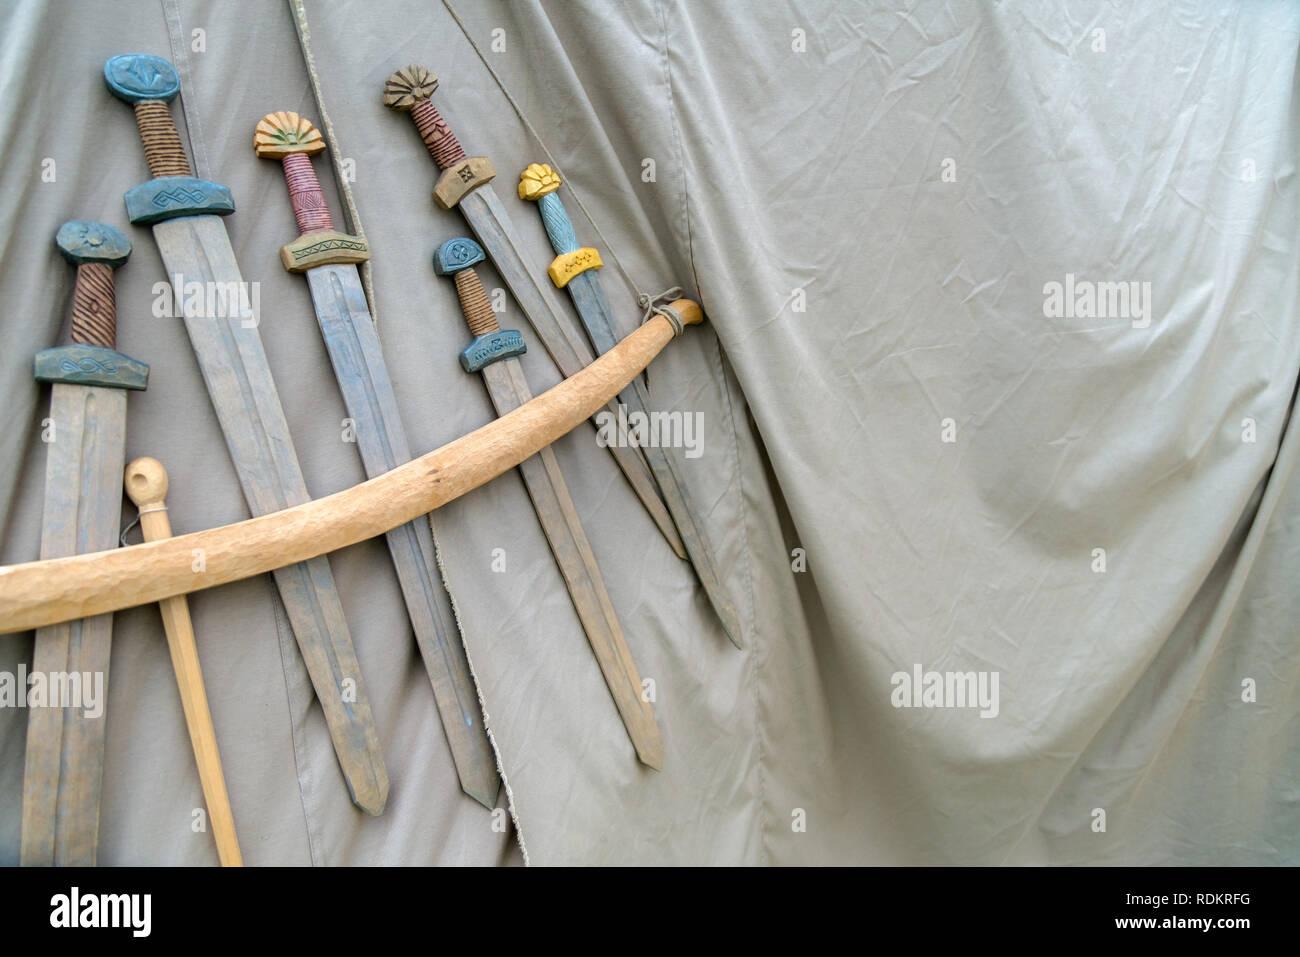 Espadas artesanales de madera colgando de la cuerda en tejido gris de fondo. Armas medievales para combate aparece en tejido gris textura Imagen De Stock